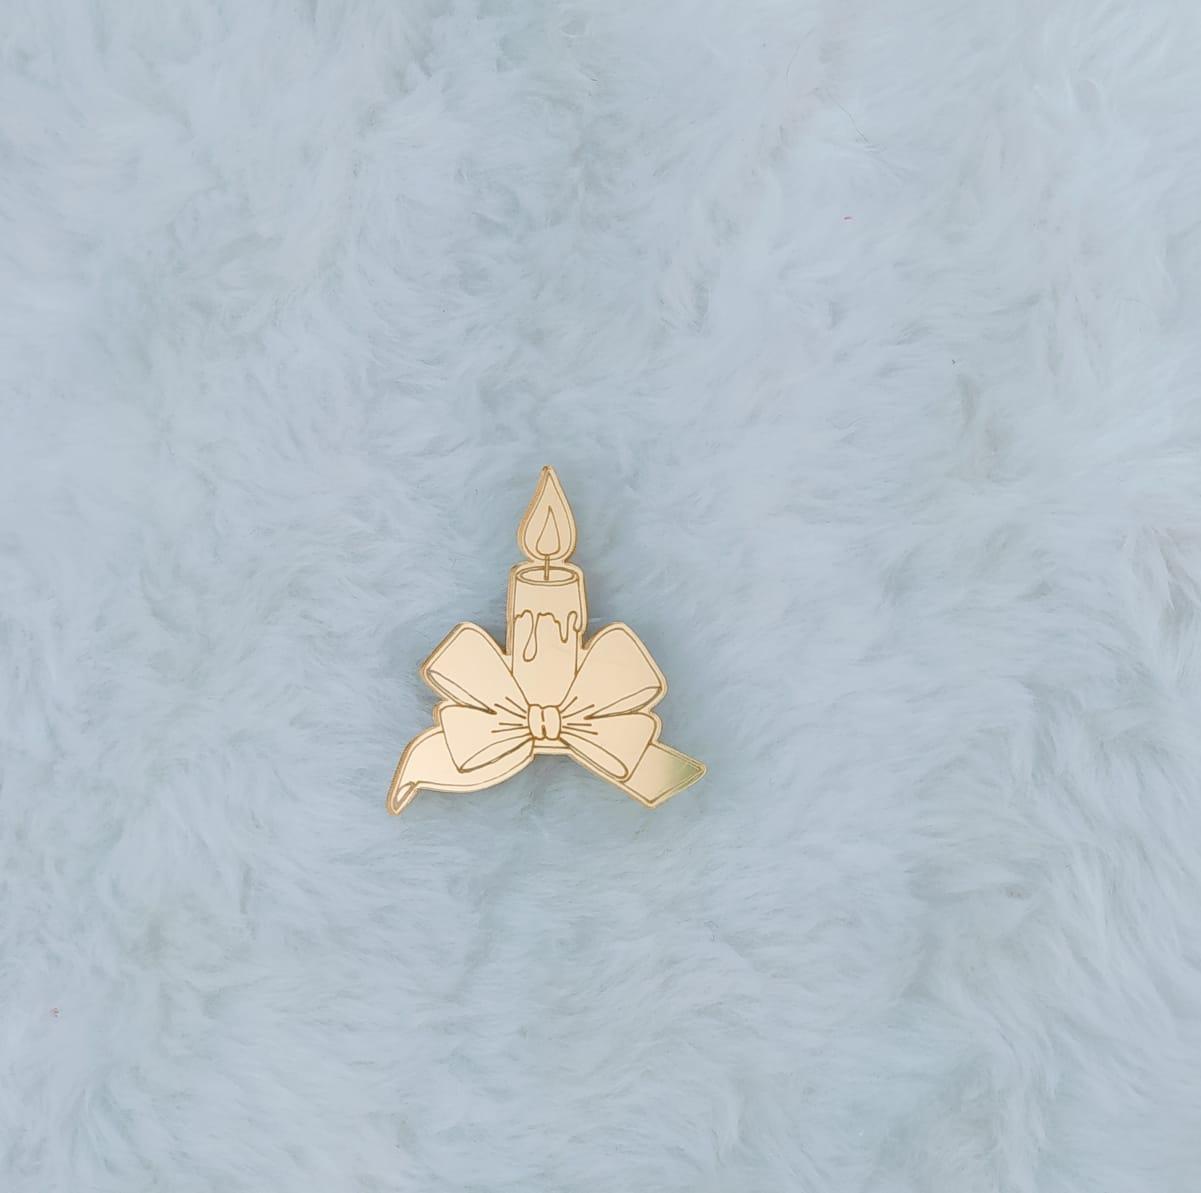 Aplique em acrílico espelhado - Vela - 7cm c/ 10 peças - Natal